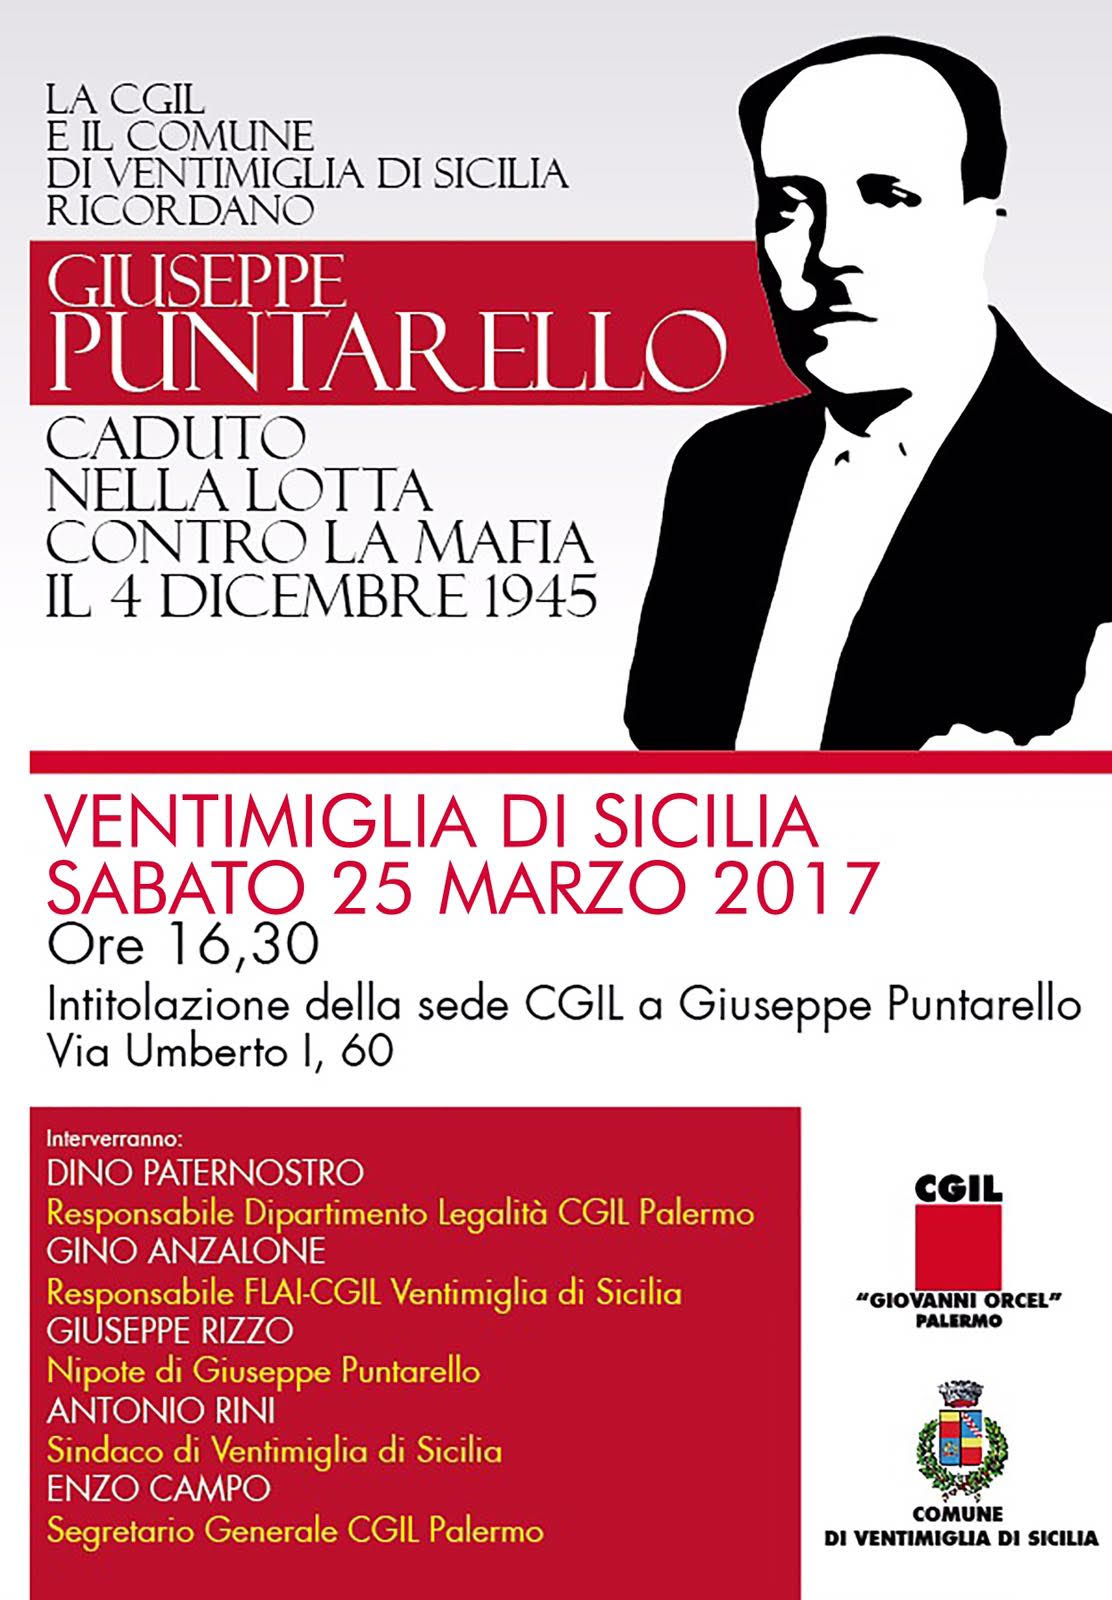 Puntarello, Domani A Ventimiglia Il Ricordo Del Dirigente Cgil Ucciso Dalla Mafia Il 4 Dicembre 1945